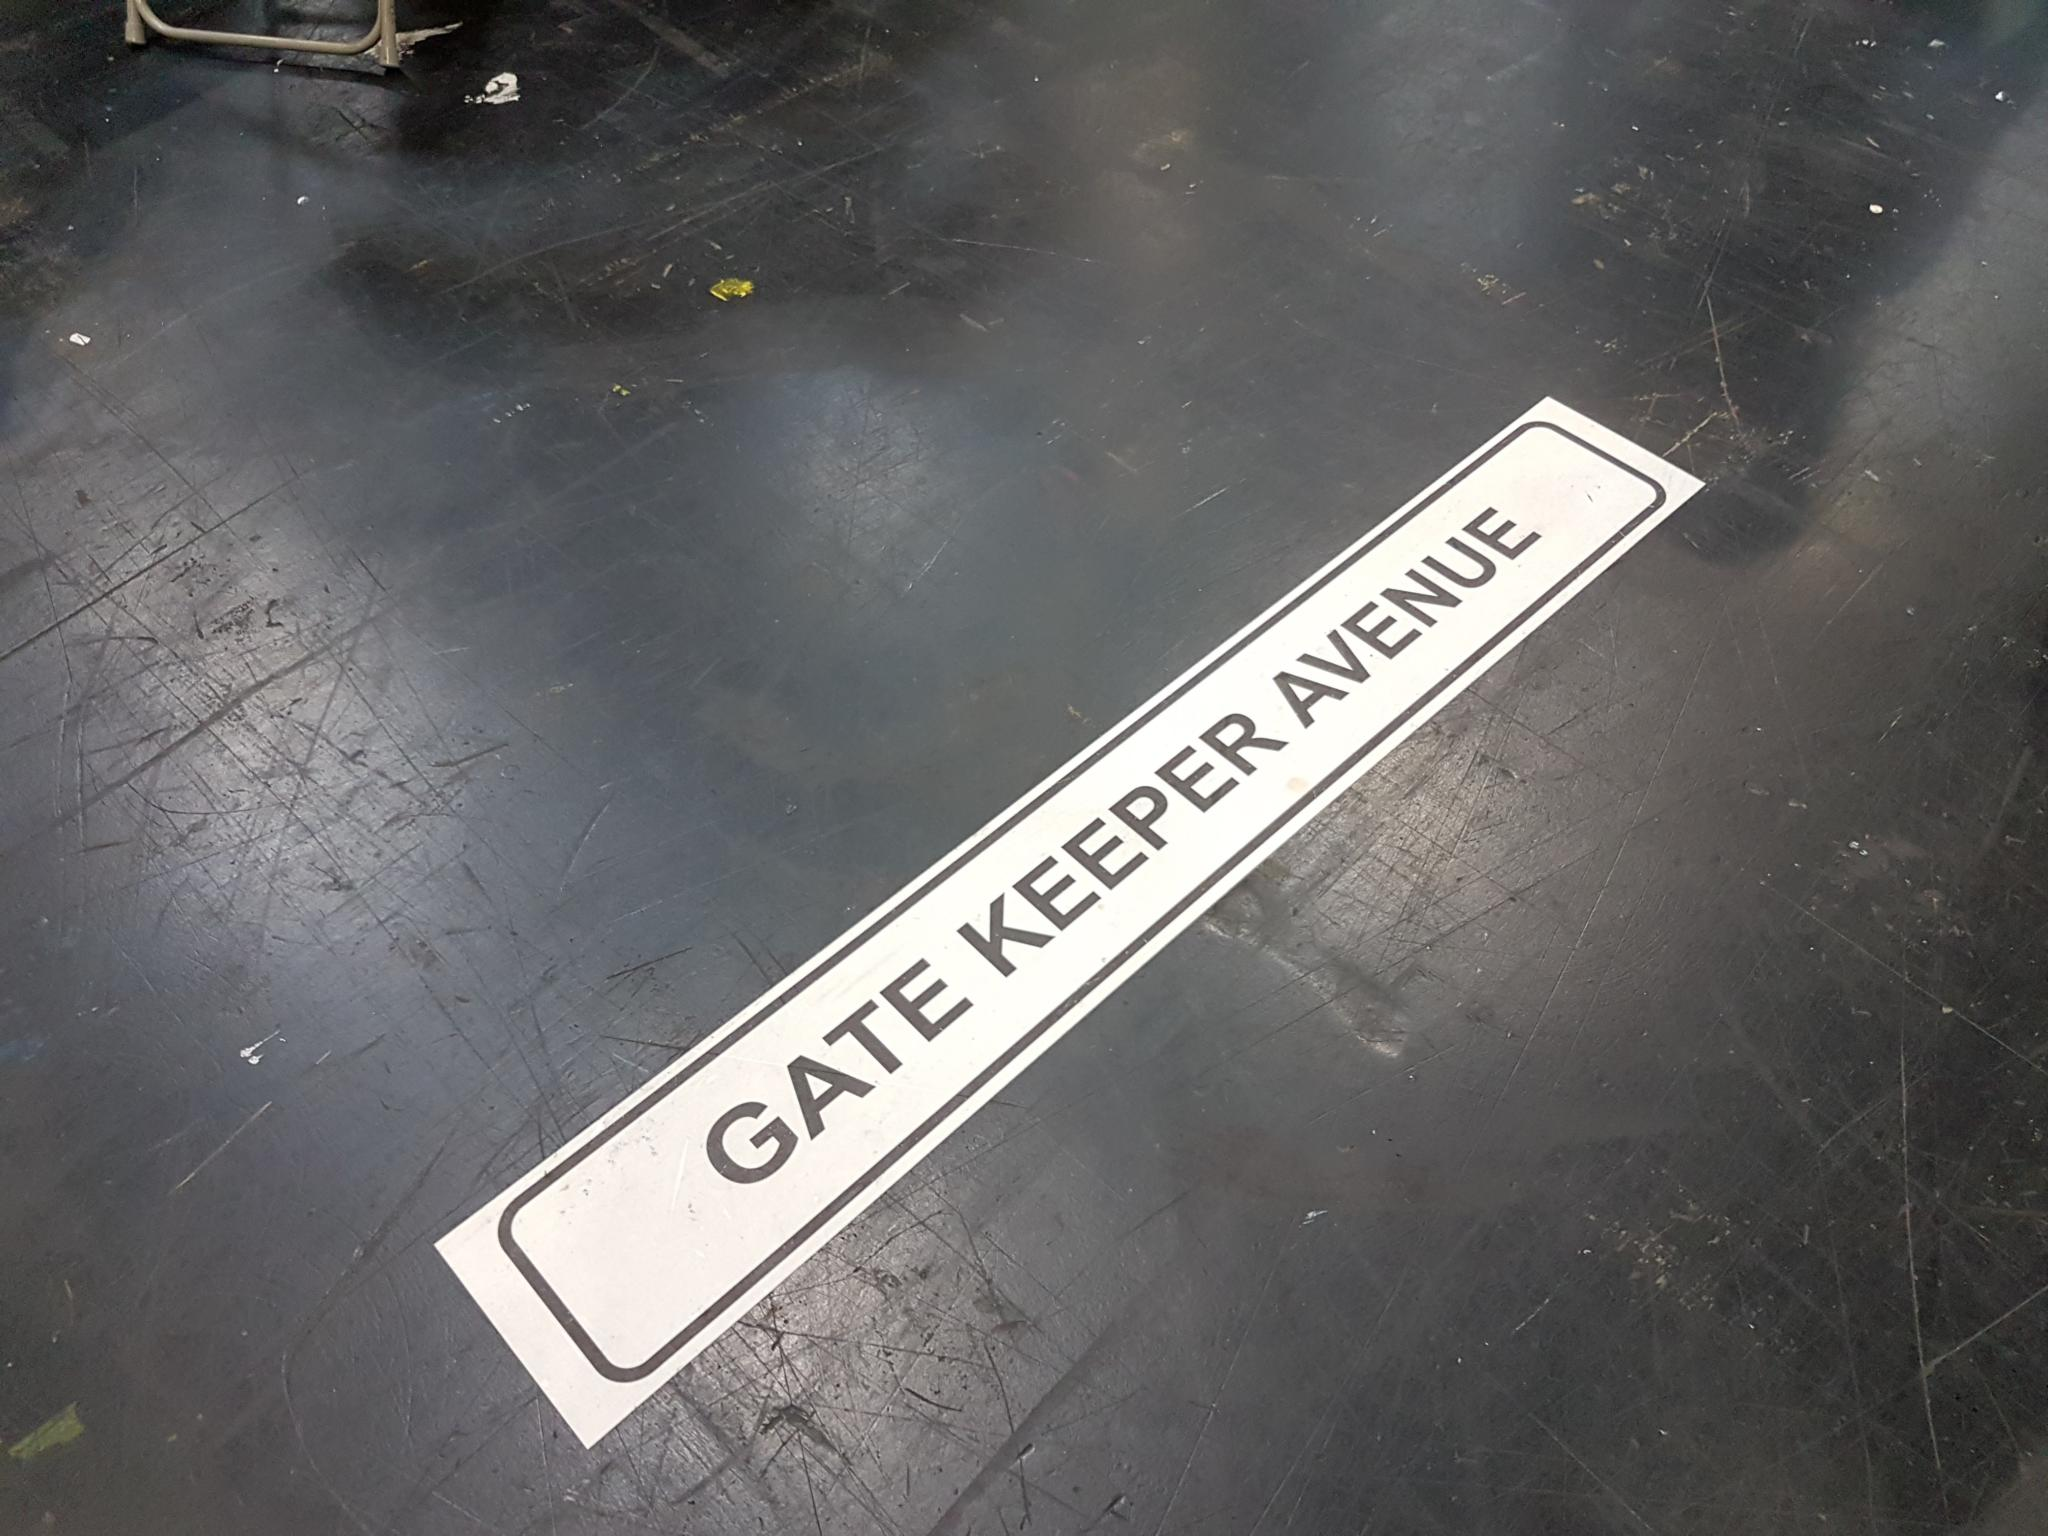 Gatekeeper Avenue